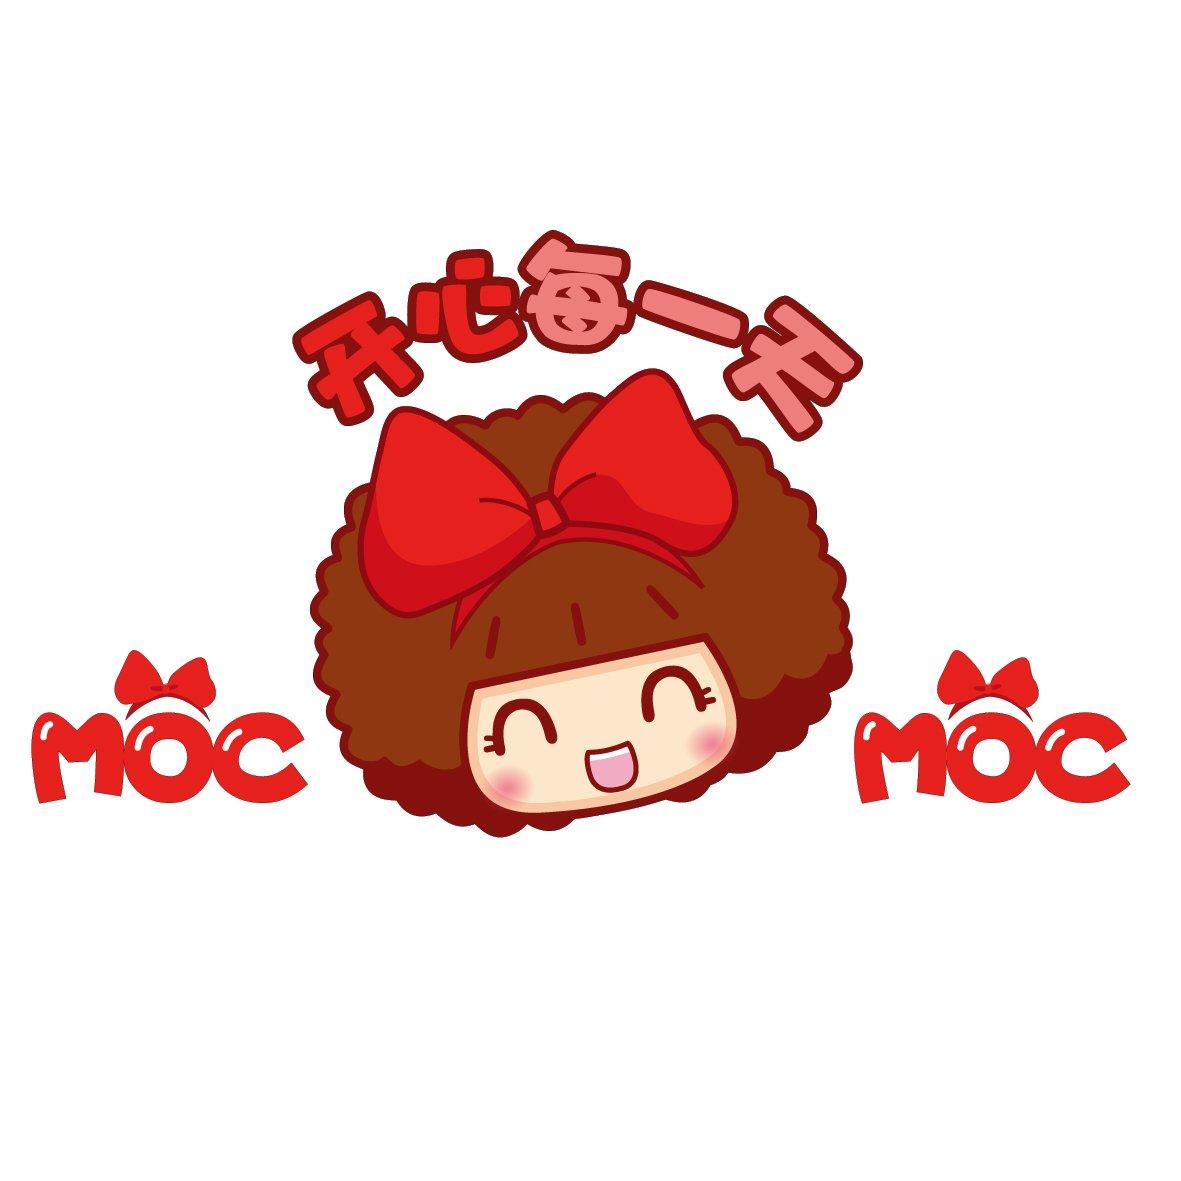 mocmoc 摩丝娃娃开心每一天 机盖贴 汽车划痕贴 搞笑可爱卡通 个性